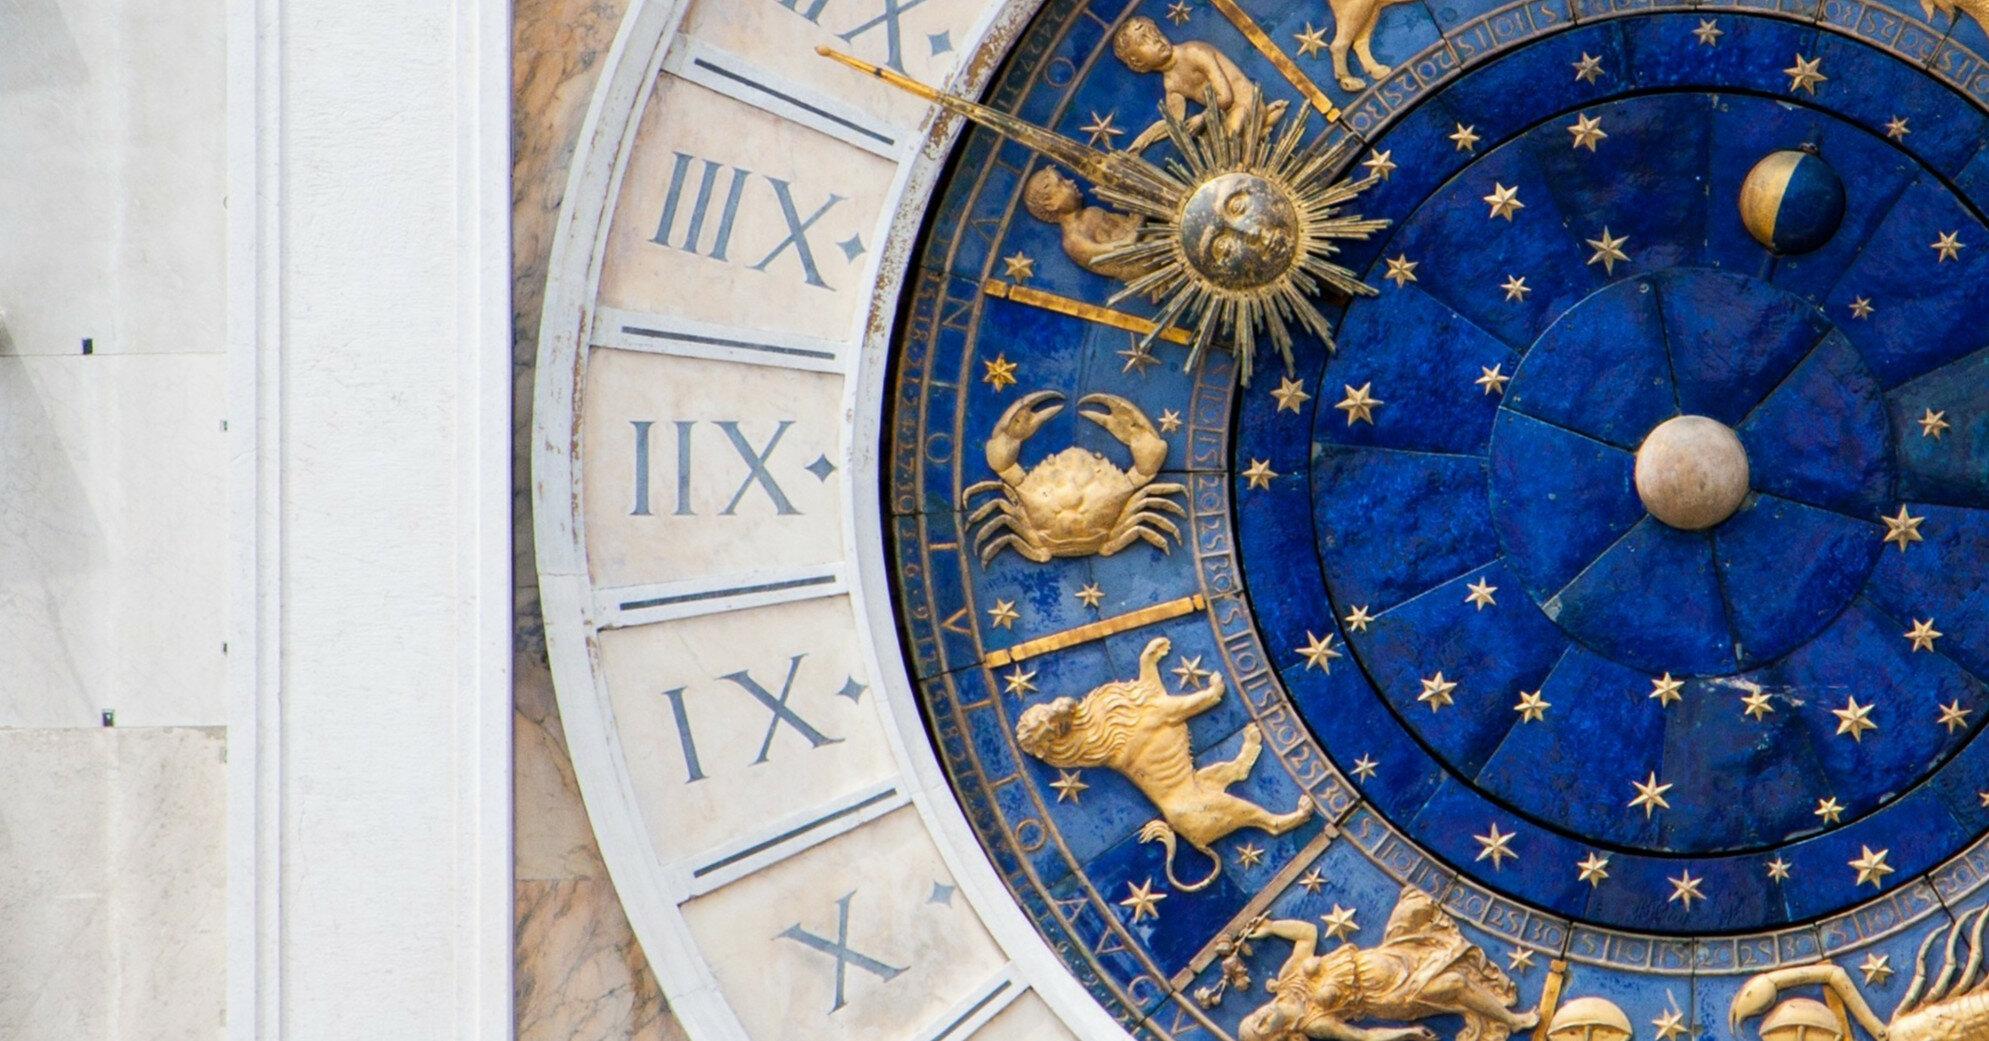 Гороскоп Павла Глобы на 31 мая 2021: все знаки зодиака